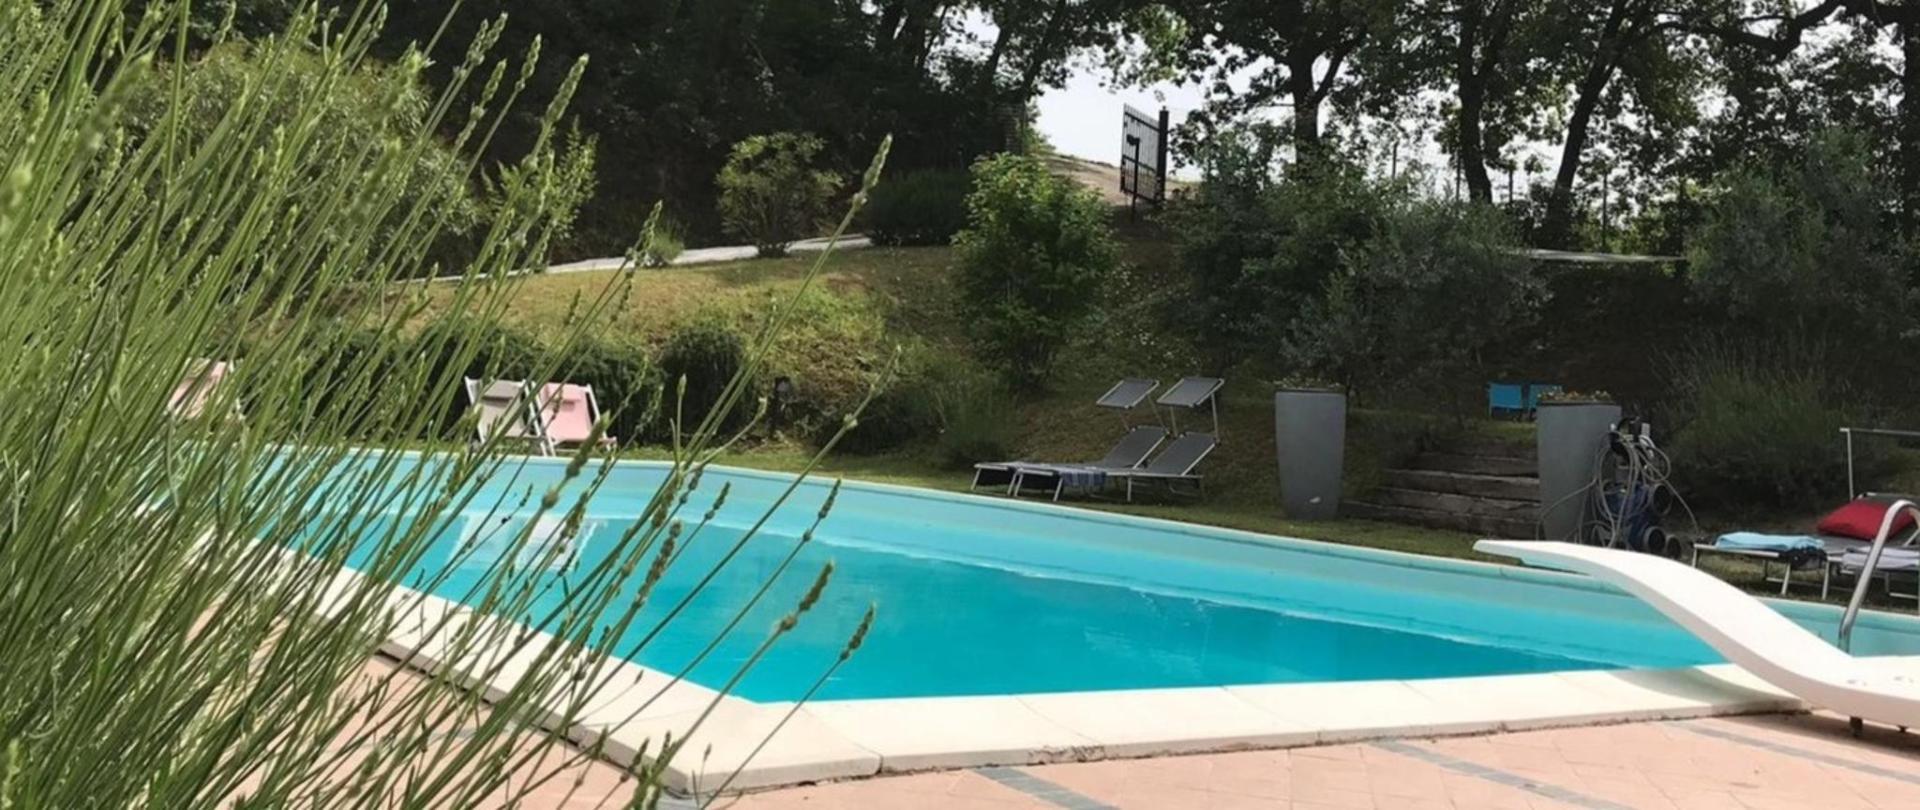 11 swimming pool 1.jpg